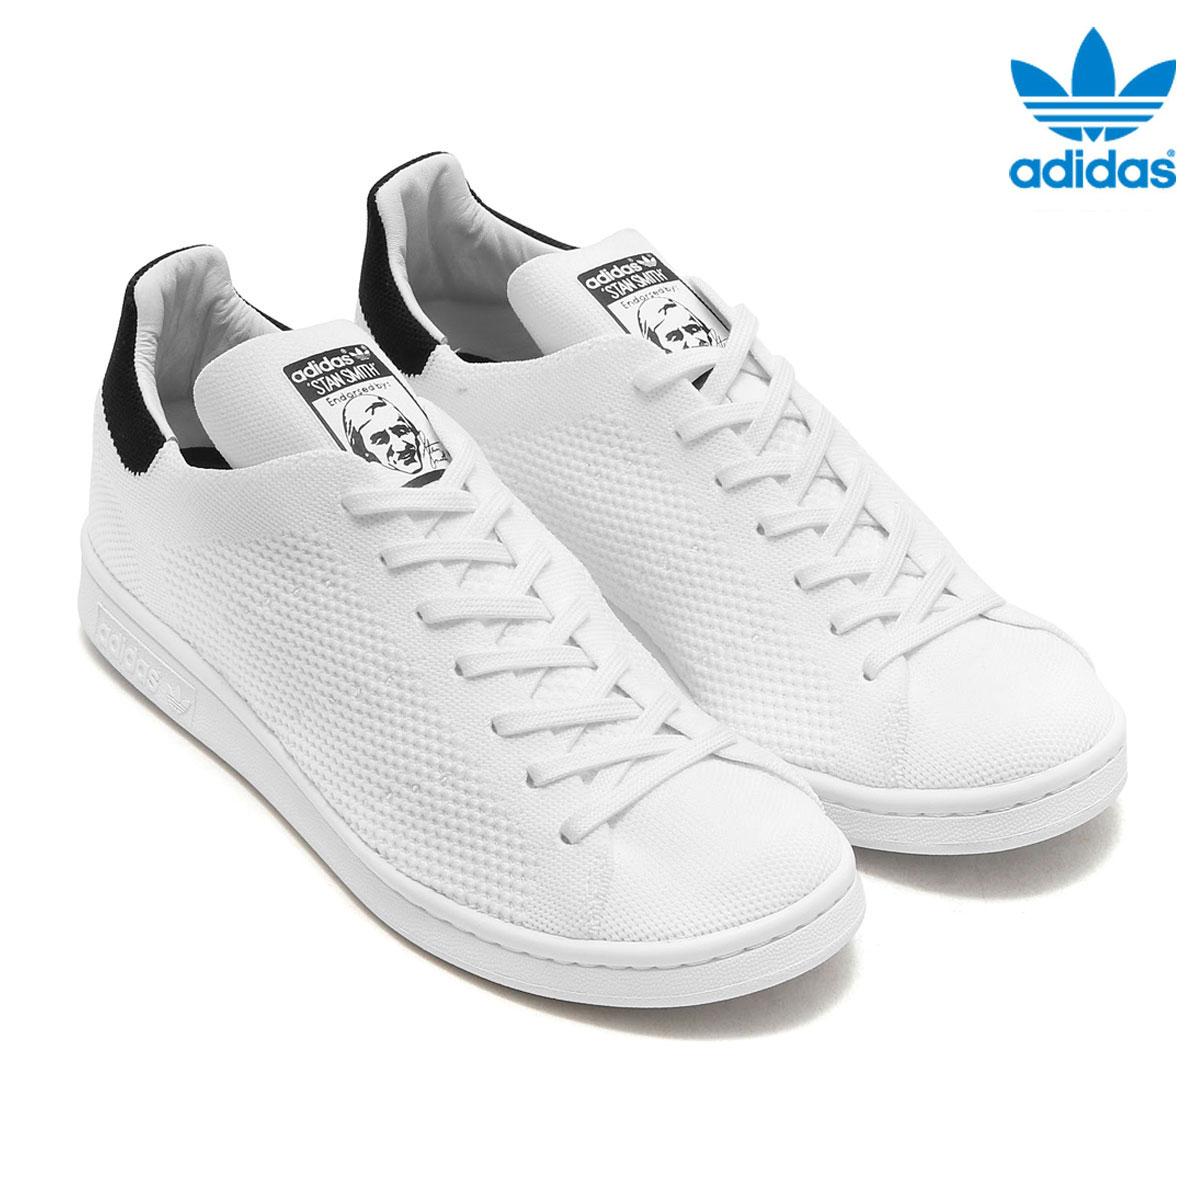 size 40 41d0e f4f6b adidas Originals STAN SMITH PK (Adidas originals Stan Smith PK) (Running  White/Running White/Core Black) 17FW-I